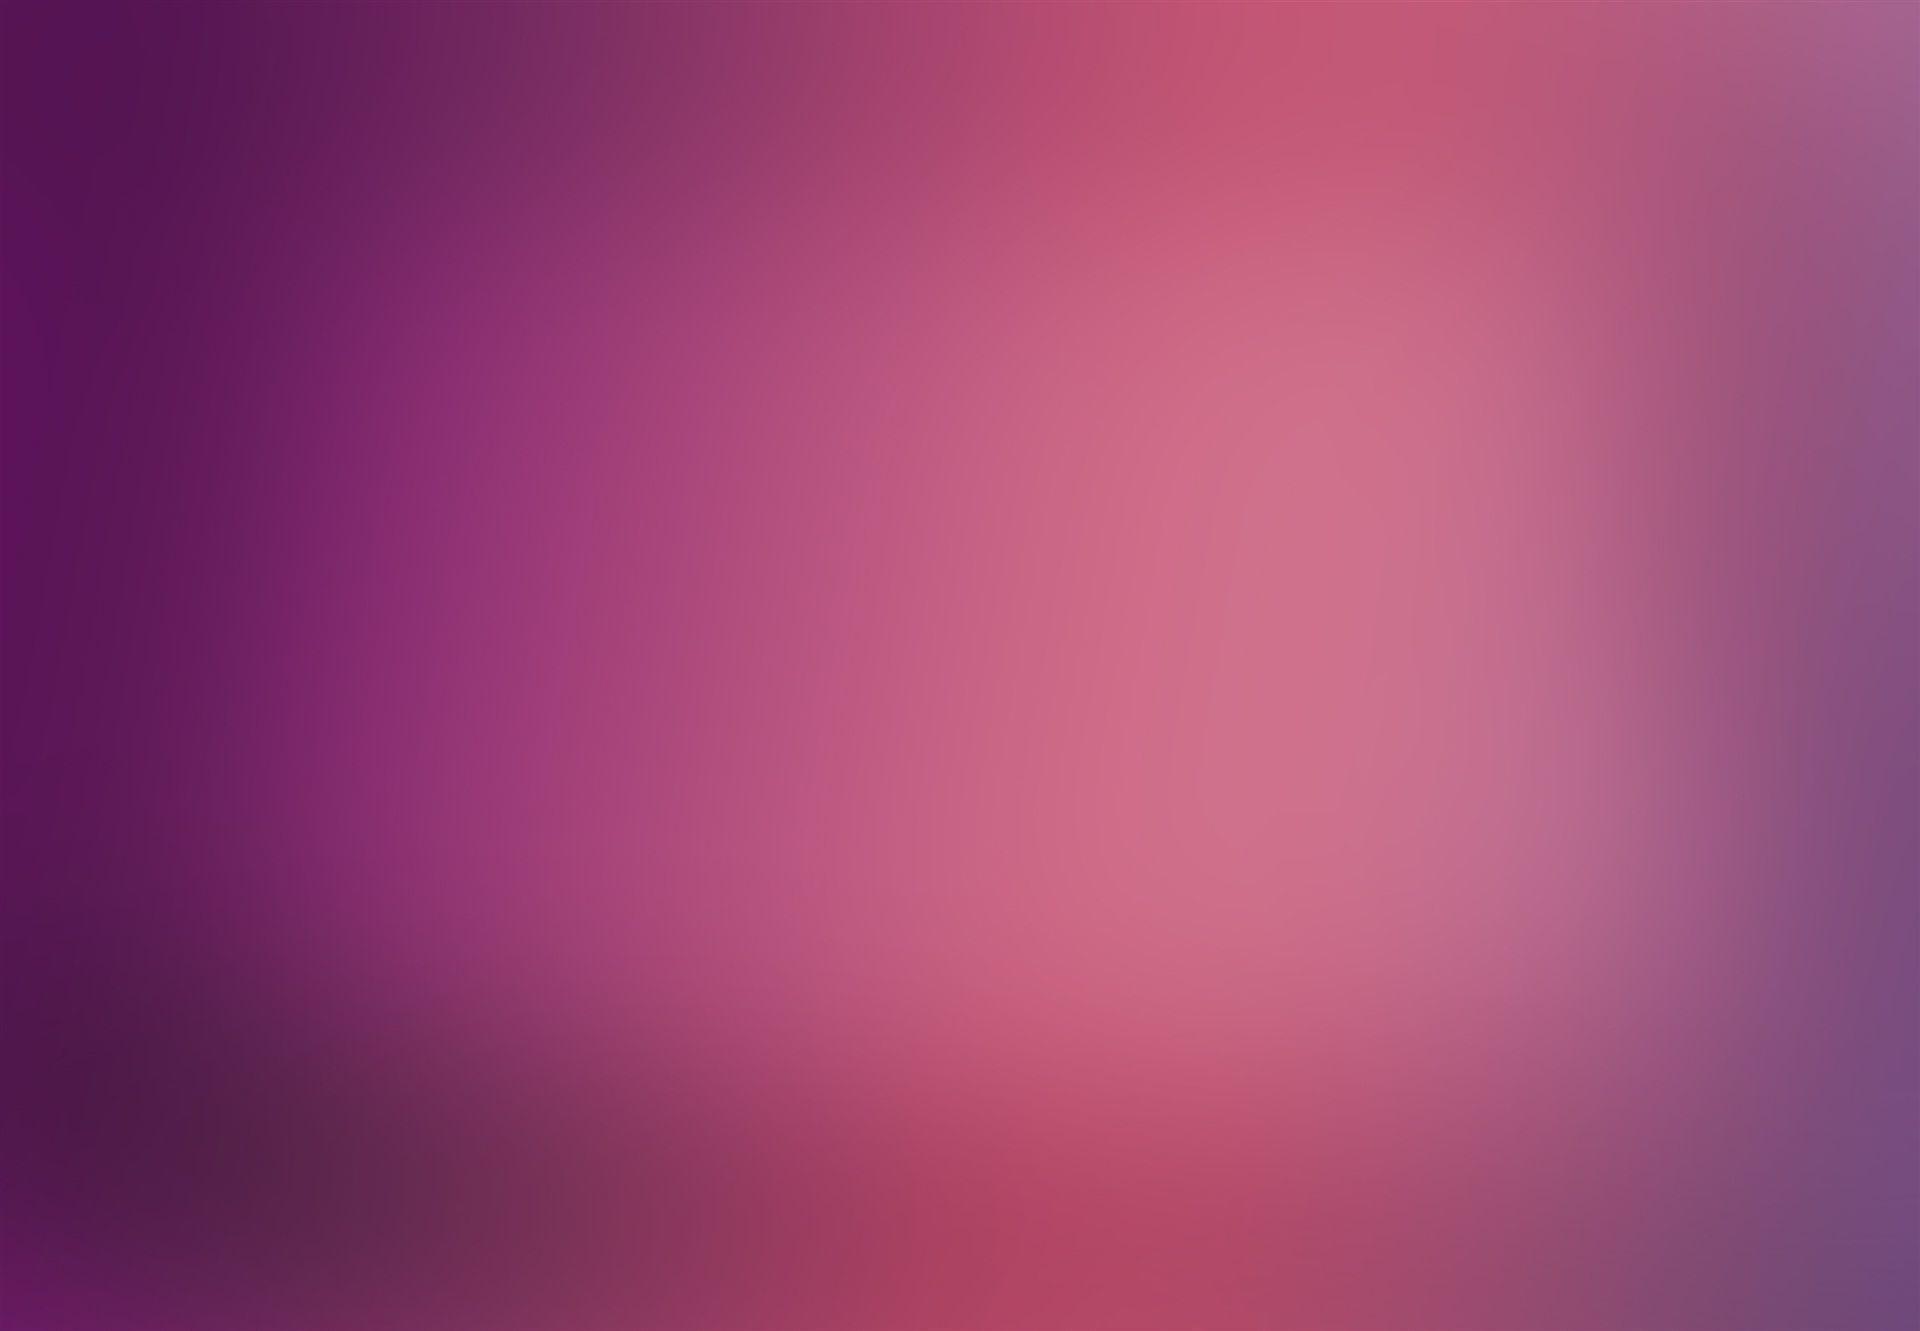 Top Solid Desktop Backgrounds 2048×1152 Images for Pinterest